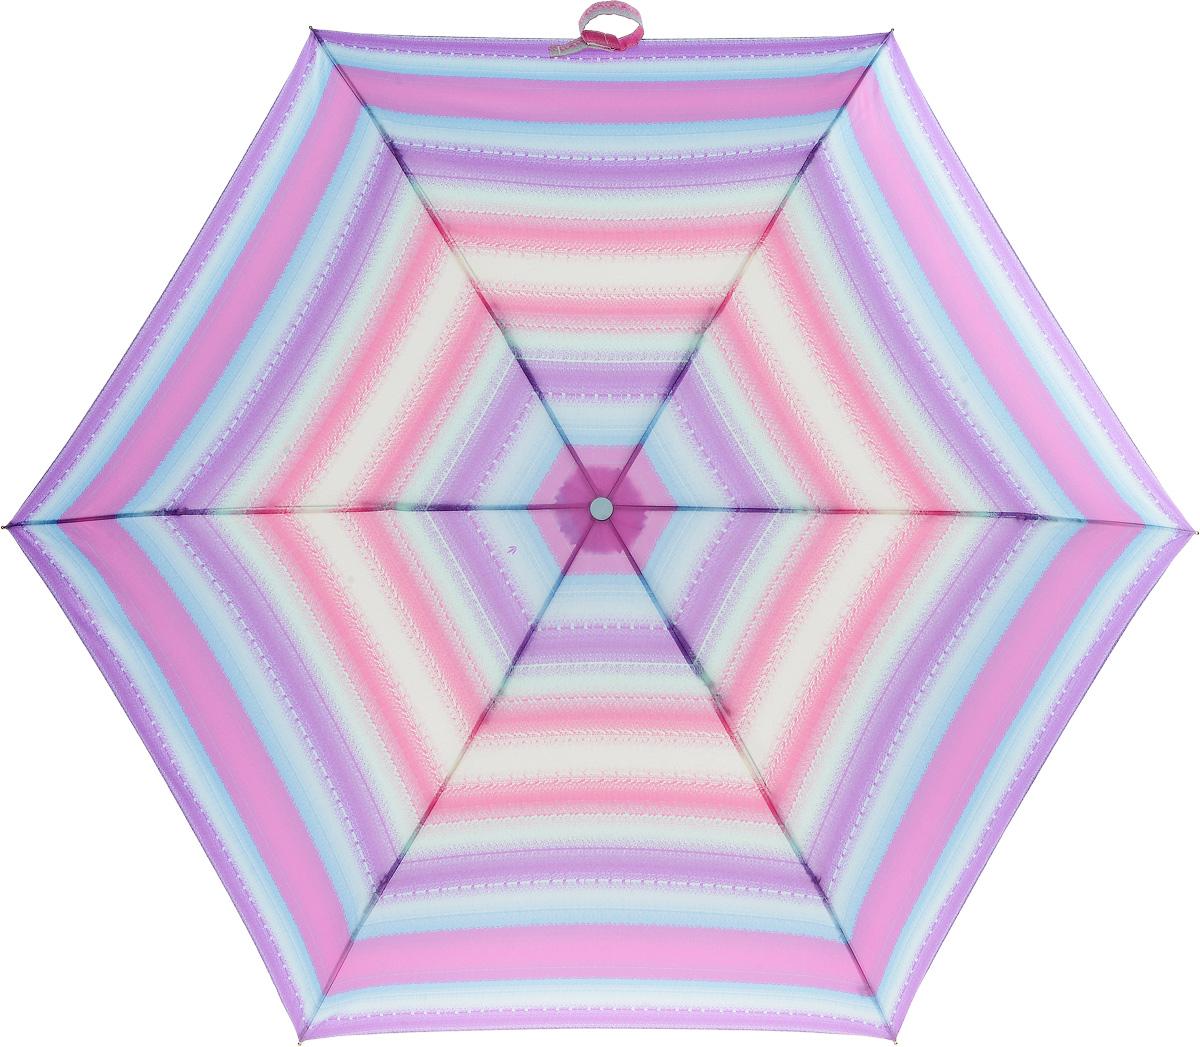 Зонт женский Fulton Superslim, механический, 3 сложения, цвет: мультиколор. L553-2753Колье (короткие одноярусные бусы)Стильный механический зонт Fulton Superslim в 3 сложения даже в ненастную погоду позволит вам оставаться элегантной. Облегченный каркас зонта выполнен из 6 спиц из фибергласса и алюминия, стержень также изготовлен из алюминия, удобная рукоятка - из пластика. Купол зонта выполнен из прочного полиэстера. В закрытом виде застегивается хлястиком на липучке. Яркий оригинальный рисунок в полоску поднимет настроение в дождливый день.Зонт механического сложения: купол открывается и закрывается вручную до характерного щелчка.На рукоятке для удобства есть небольшой шнурок, позволяющий надеть зонт на руку тогда, когда это будет необходимо. К зонту прилагается чехол, который застегивается на липучку. Чехол оформлен металлическим элементом с названием бренда. Такой зонт компактно располагается в кармане, сумочке, дверке автомобиля.